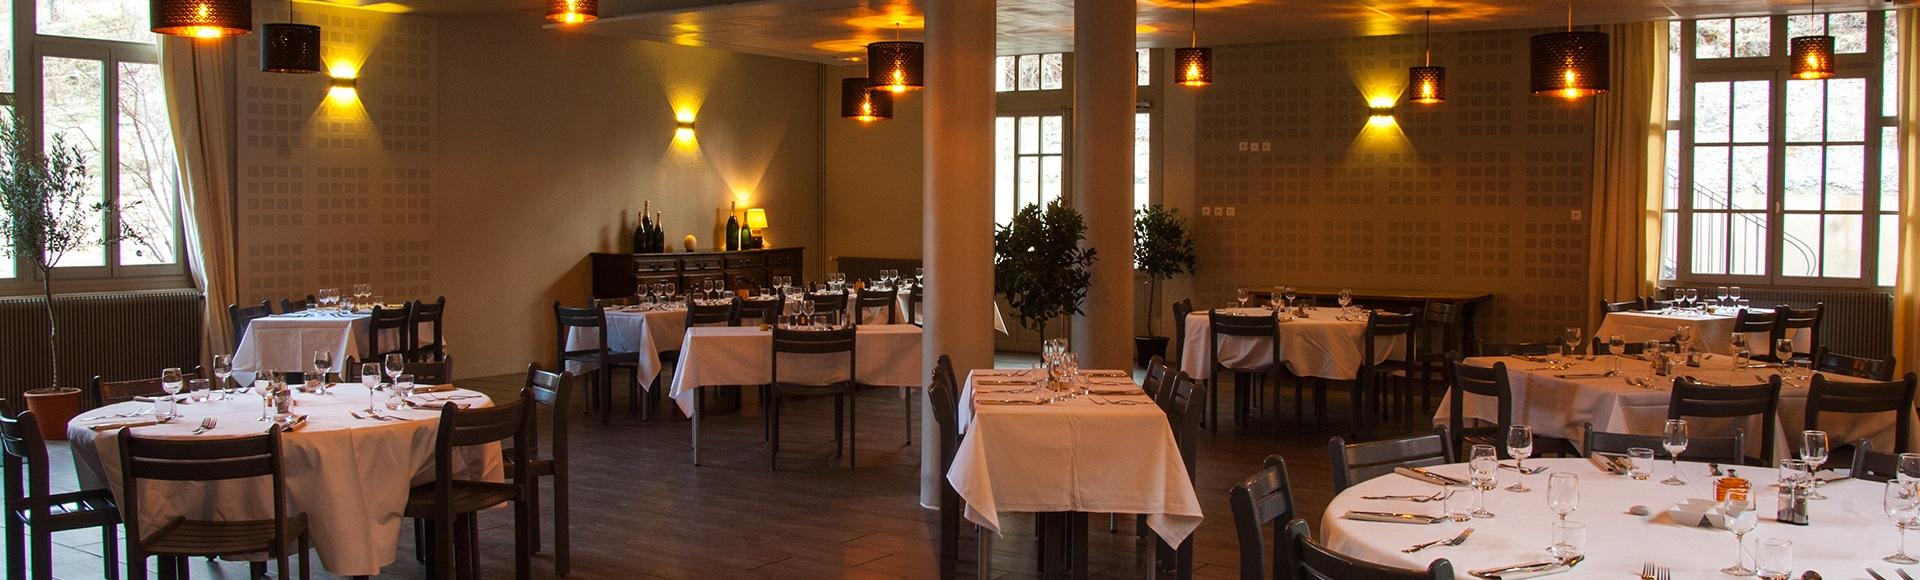 """Restaurant à Annot, """"la Table du Pré Martin"""", location de salles pour séminaire, stage, banquets"""